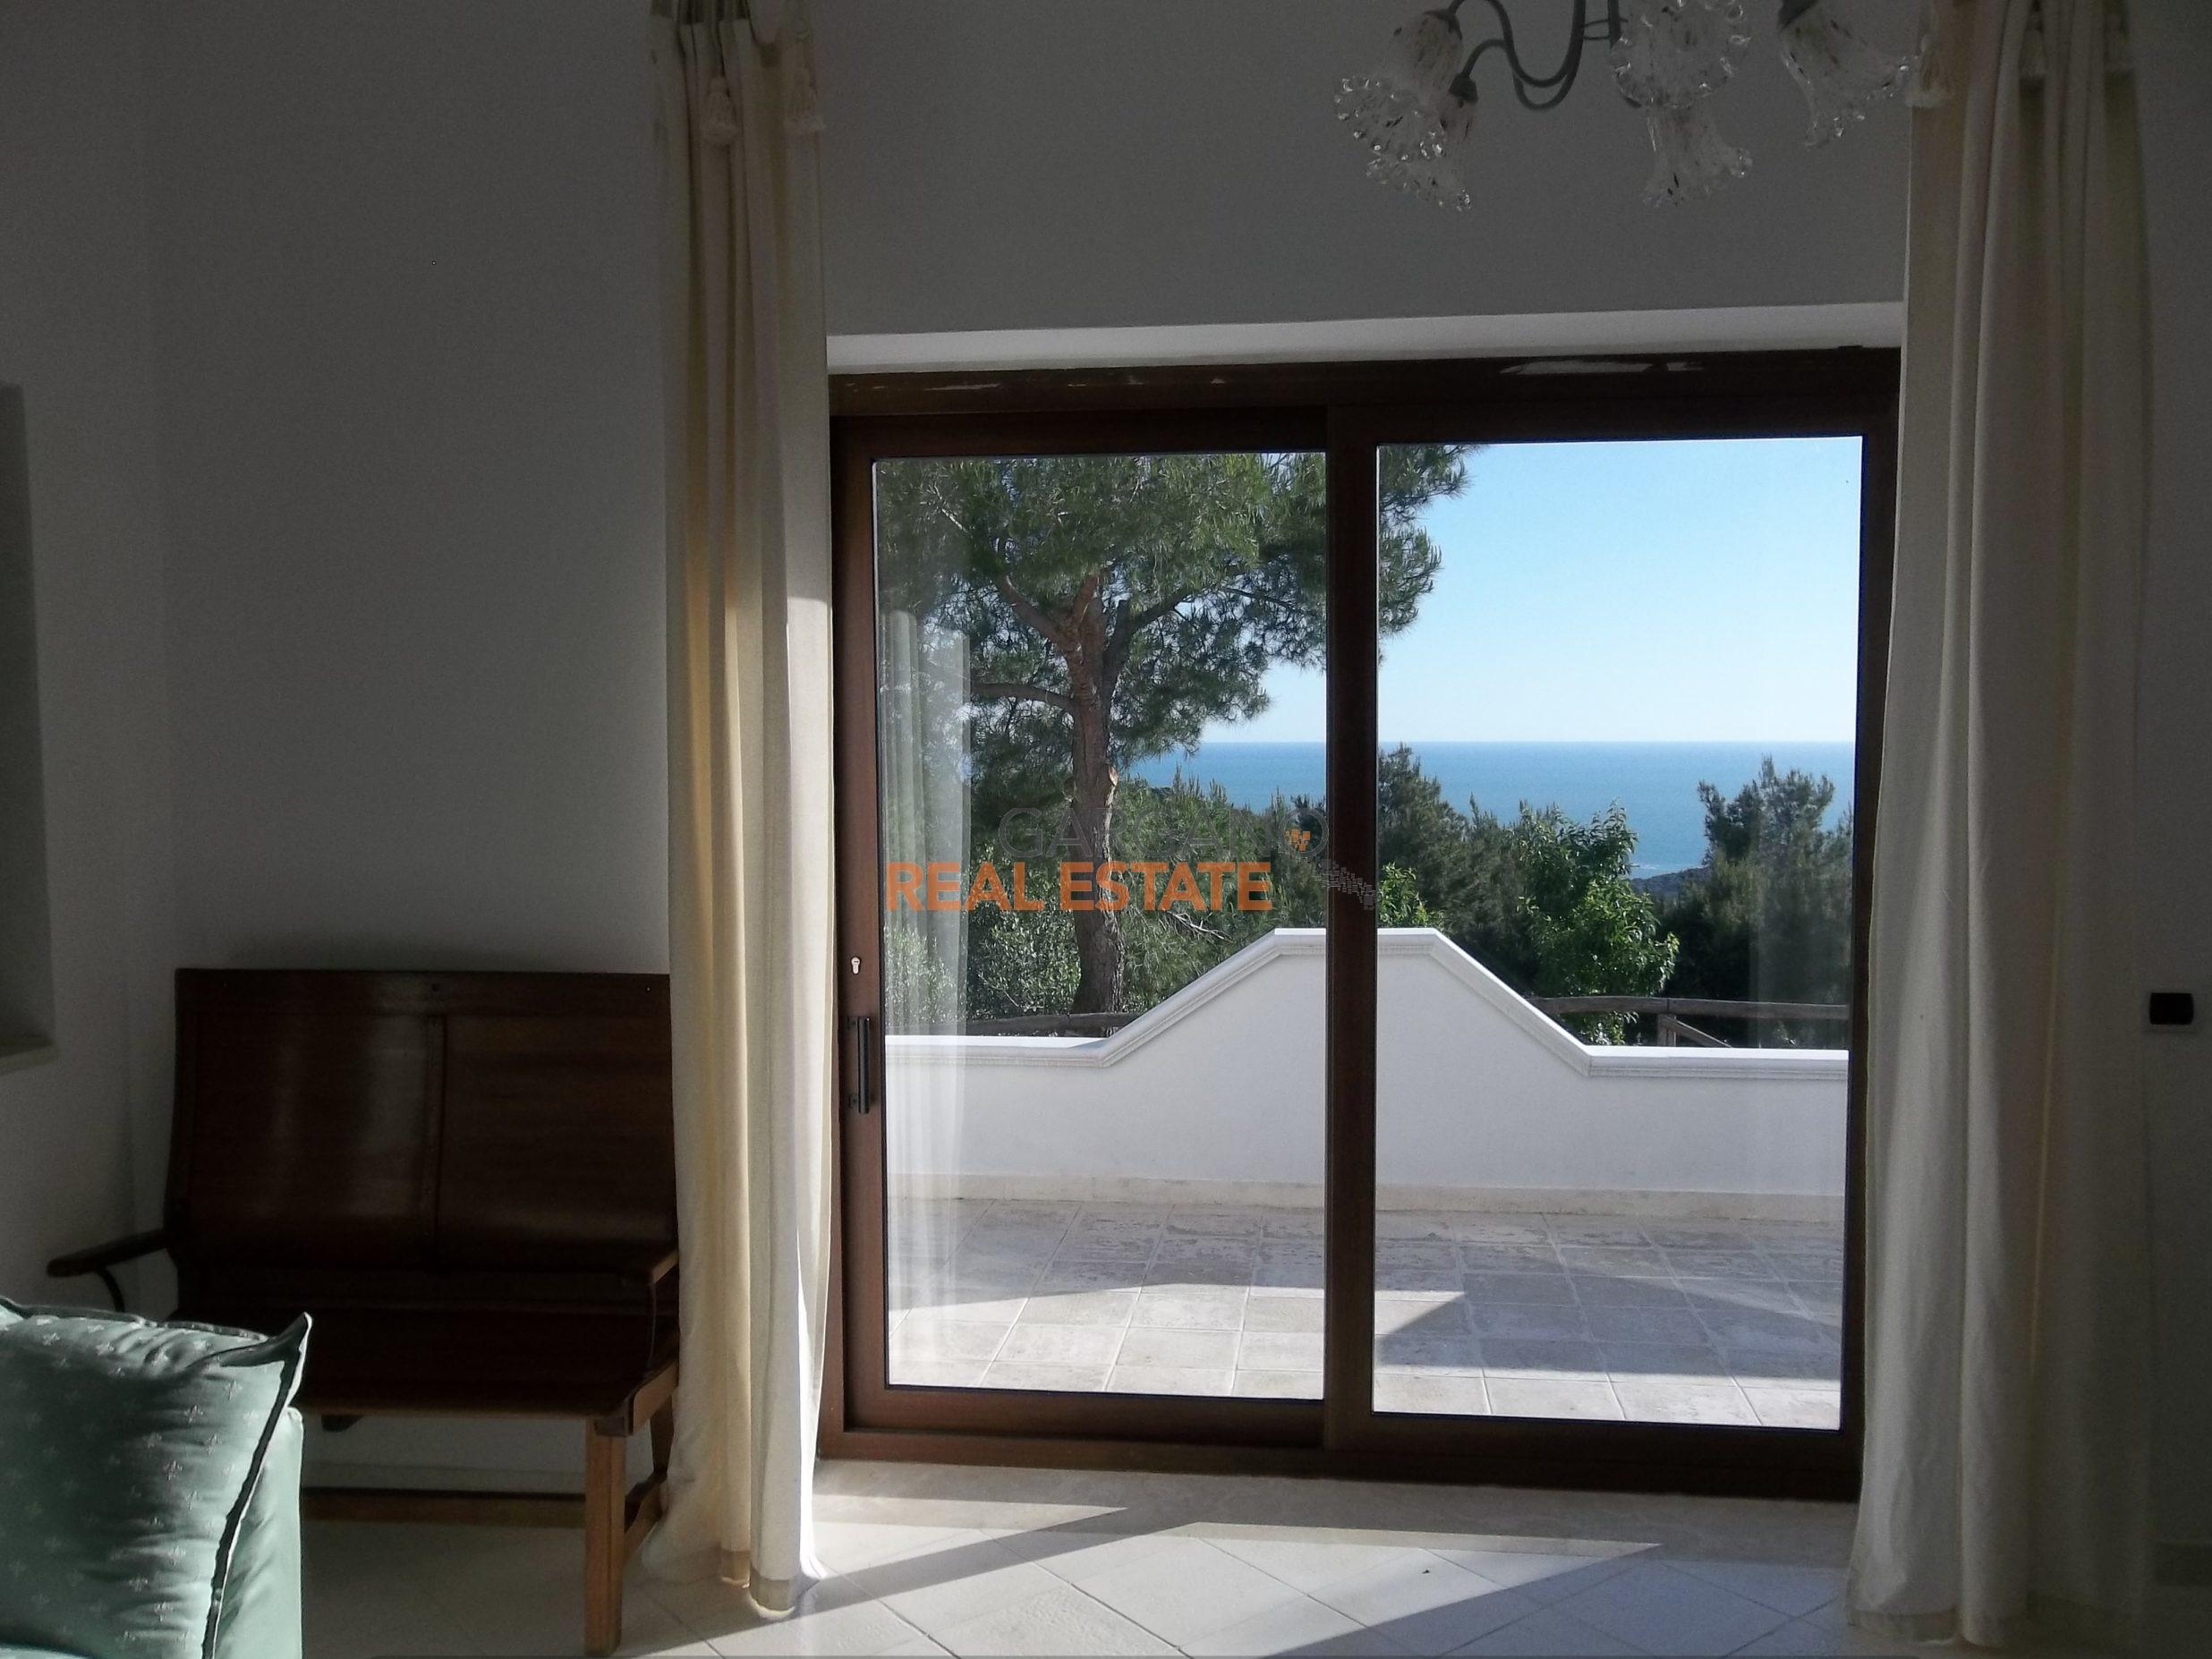 pianterreno-veranda1-scaled